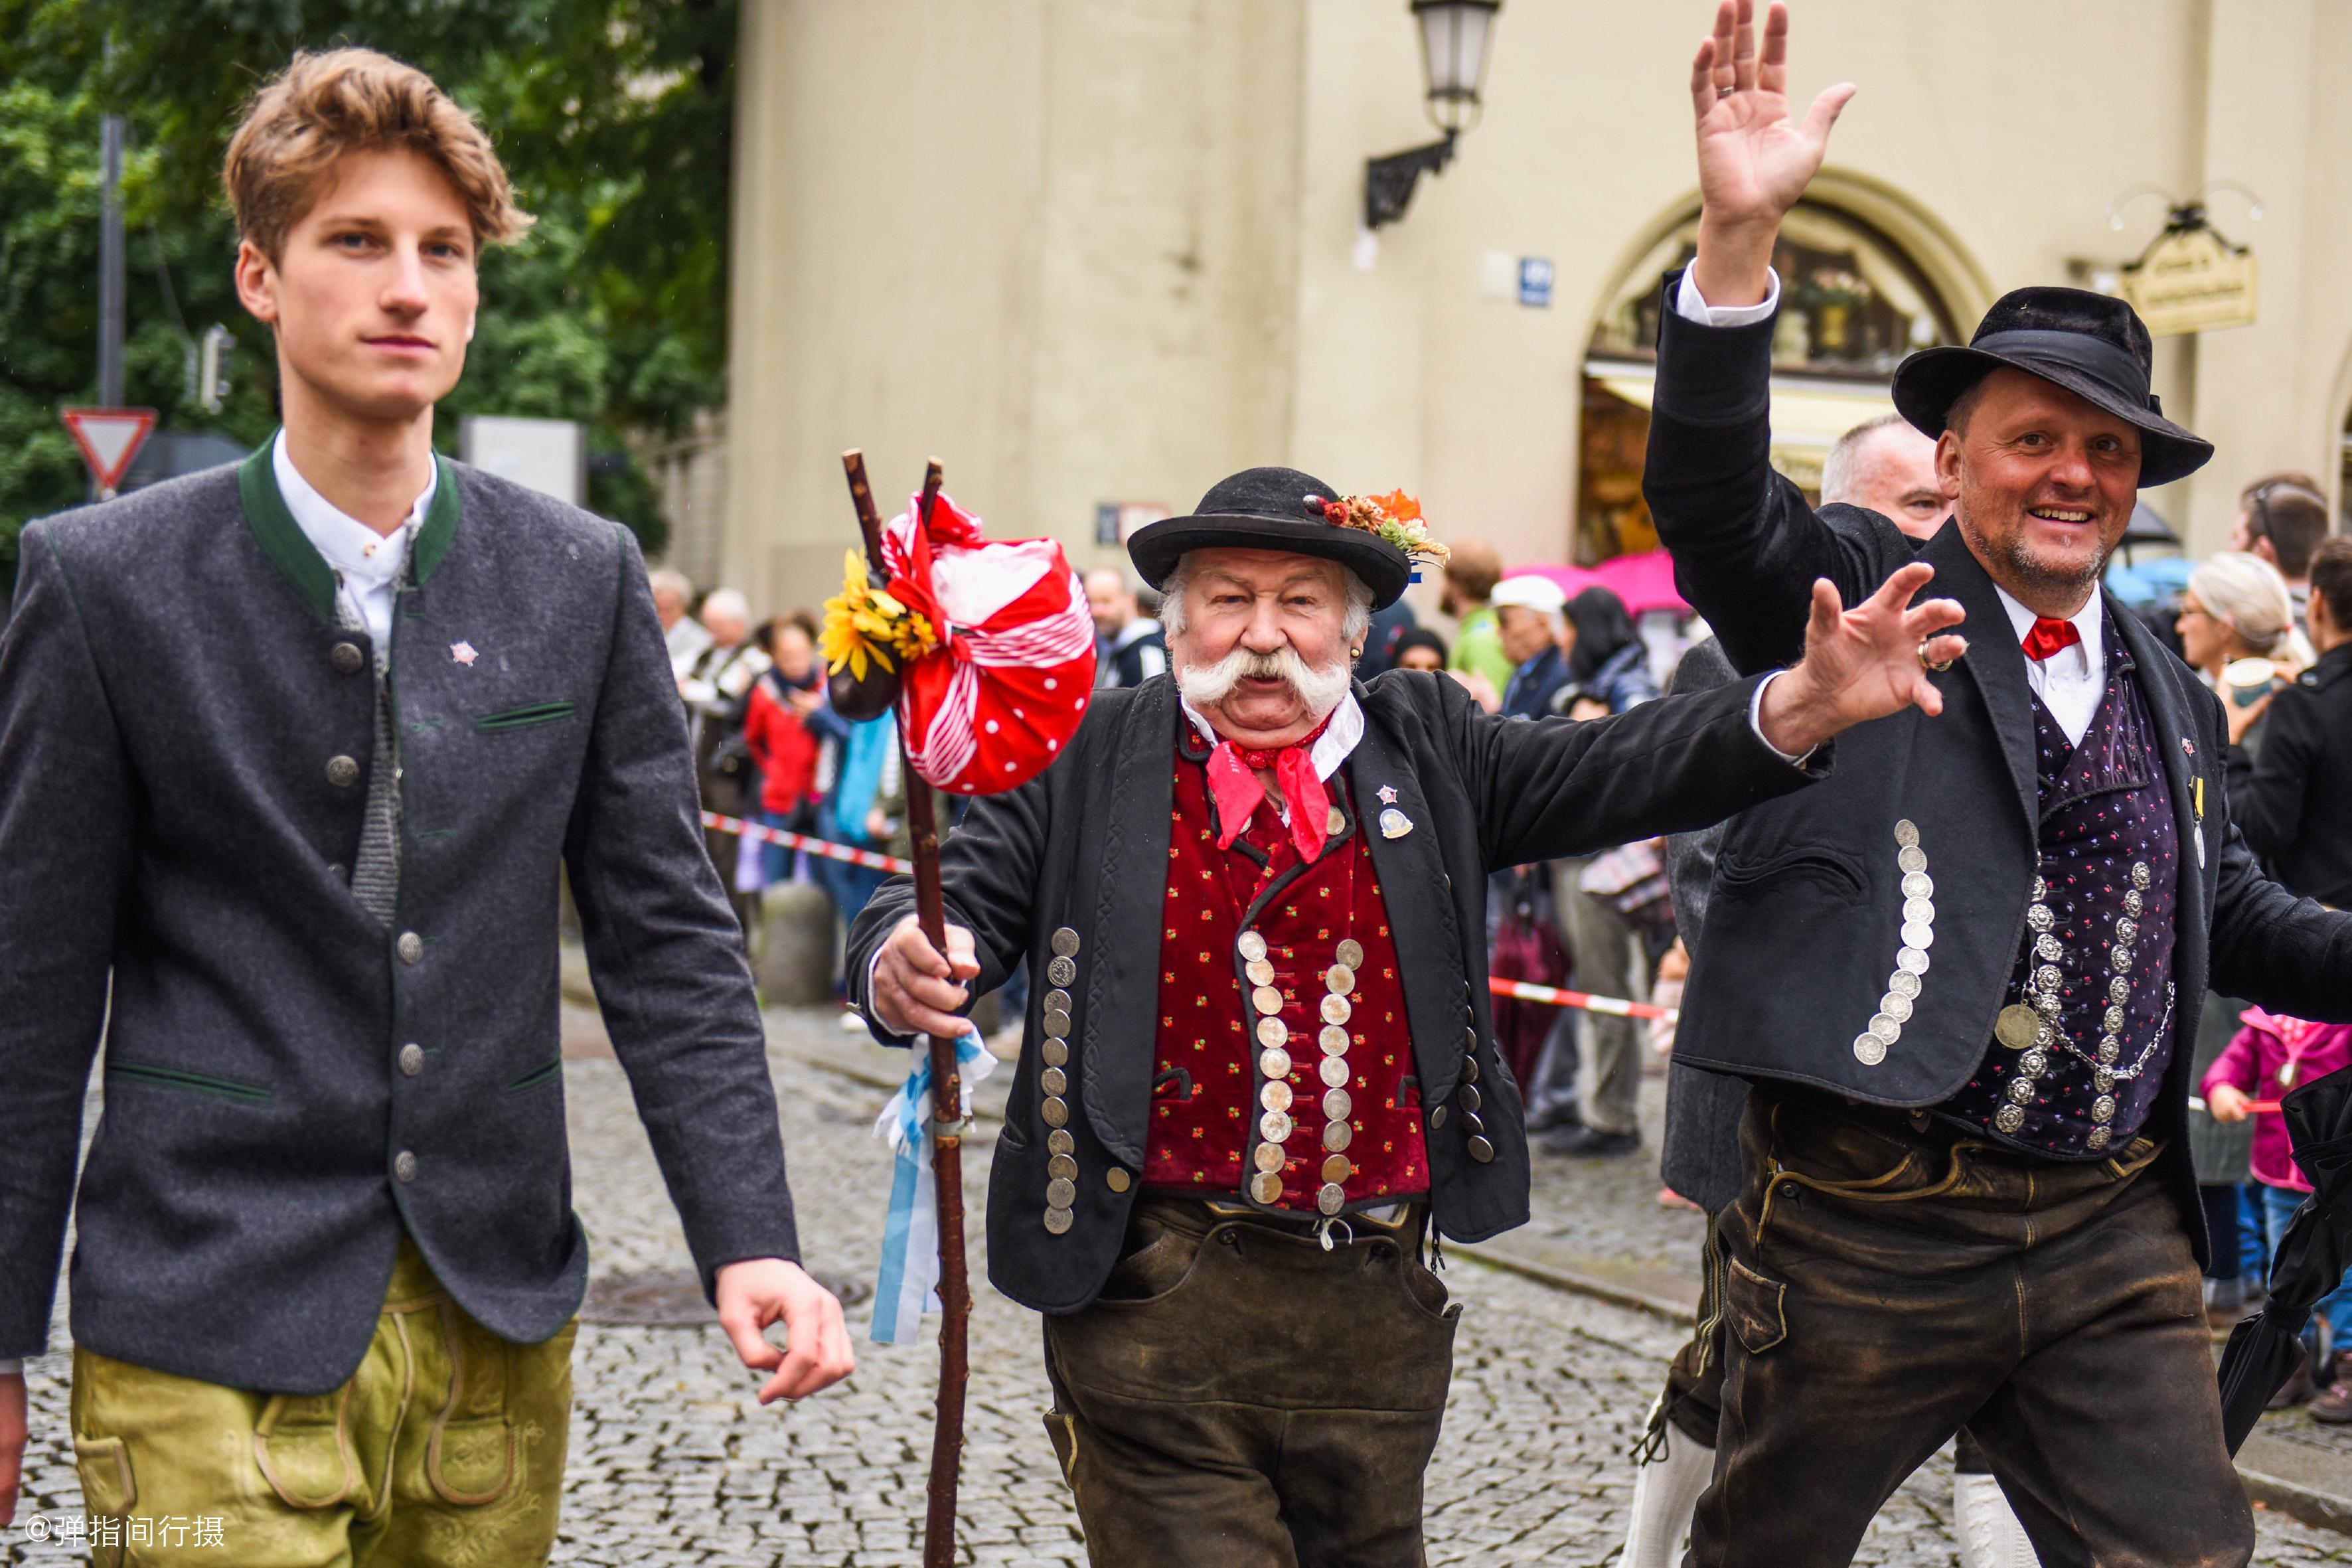 高度发达的德国,全民传承传统文化,爱穿民族服装游行狂欢